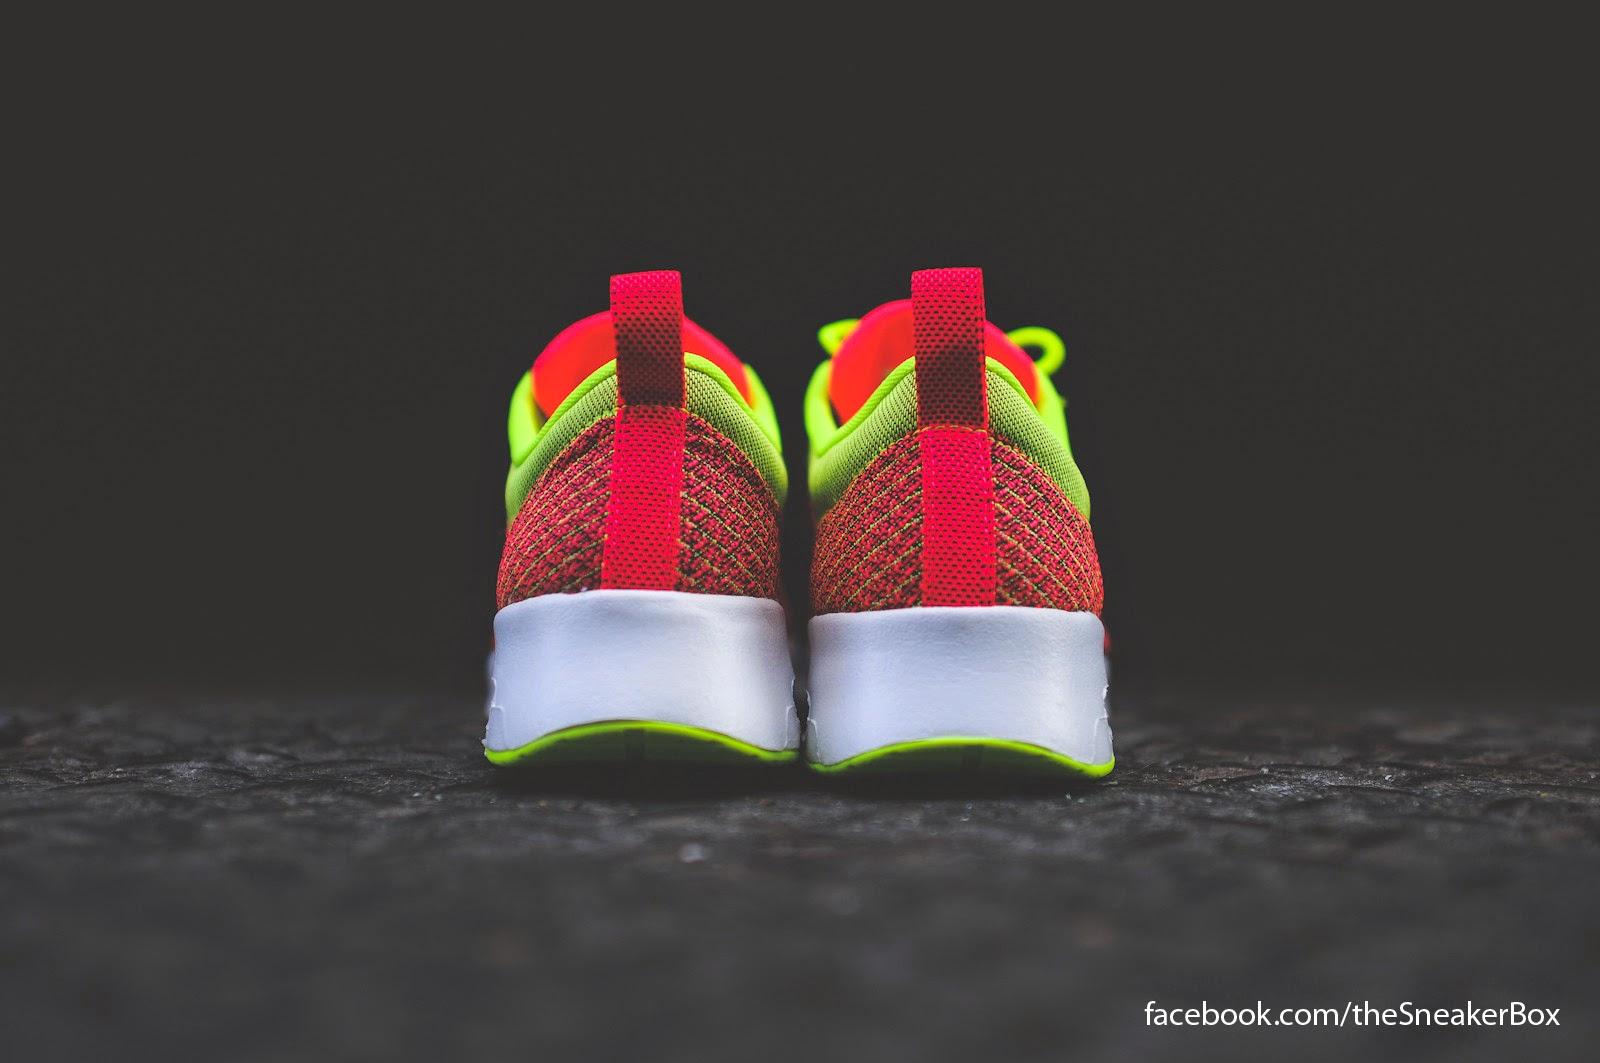 Nike Air Max 90 JCRD Premium Mercurial Punch Game Royal